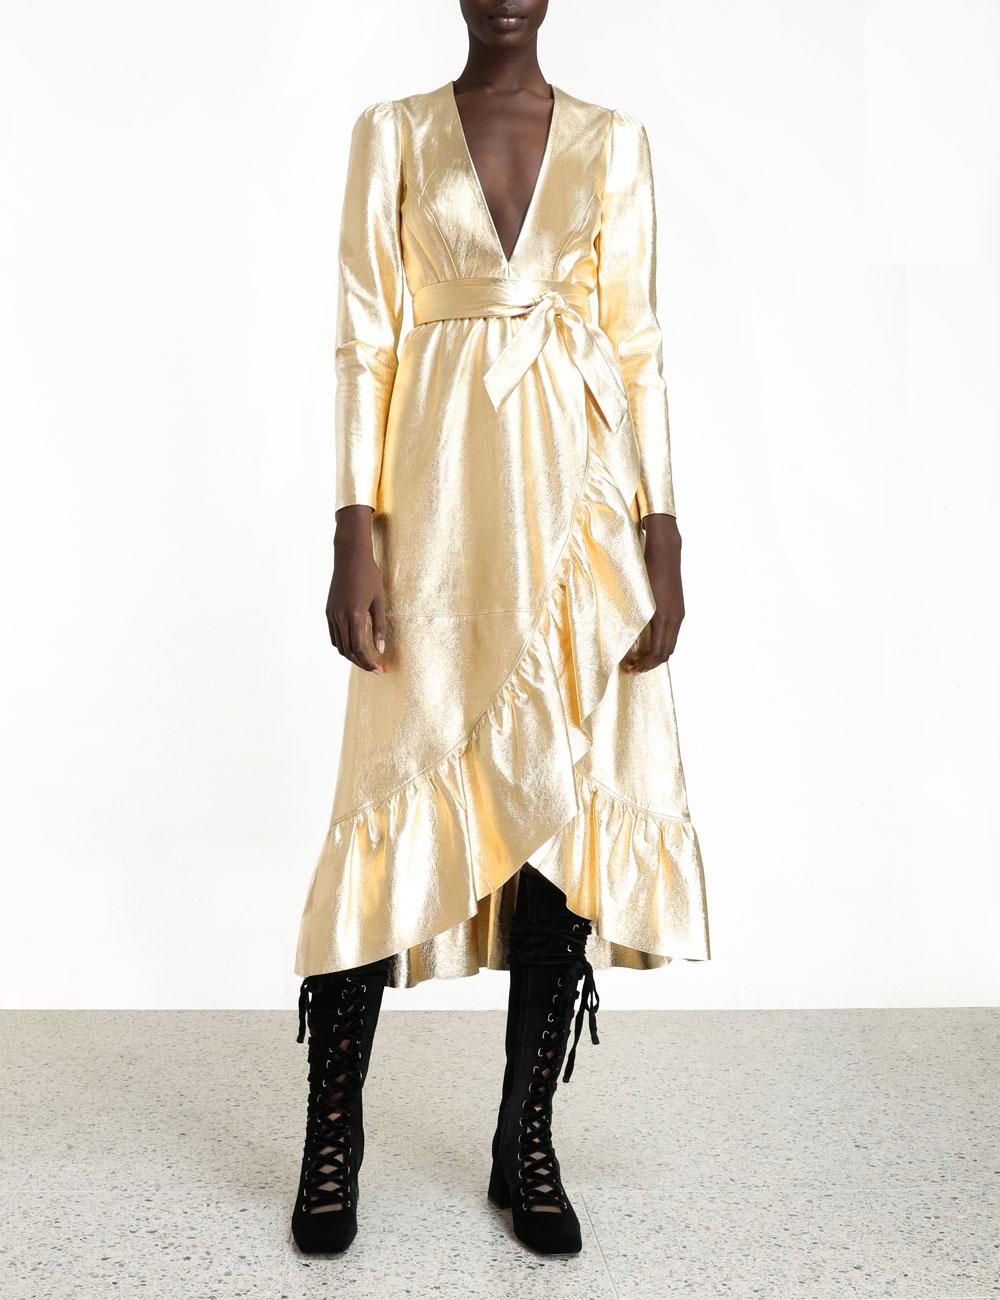 Ladybeetle Leather Dress